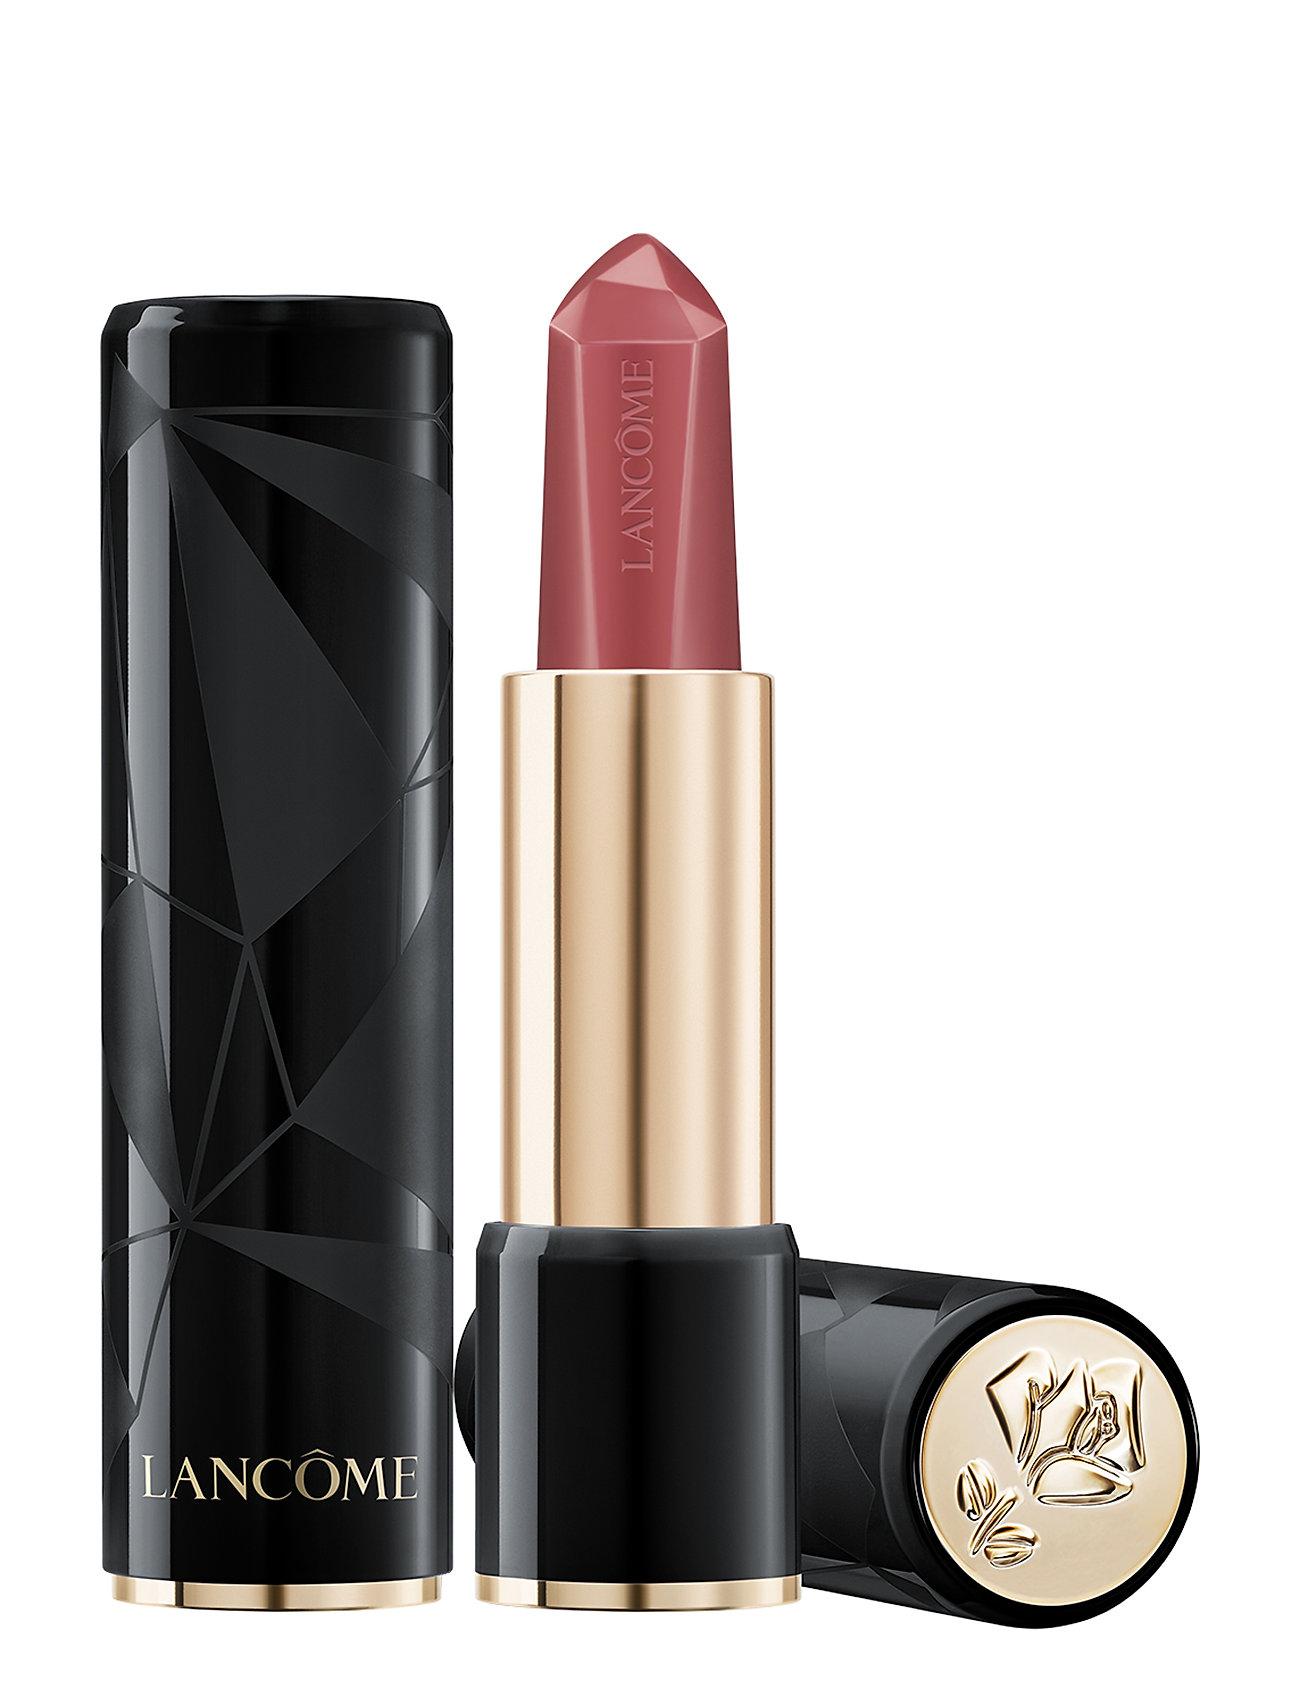 Lancôme L'Absolu Rouge Ruby Cream - 214 ROSEWOOD RUBY